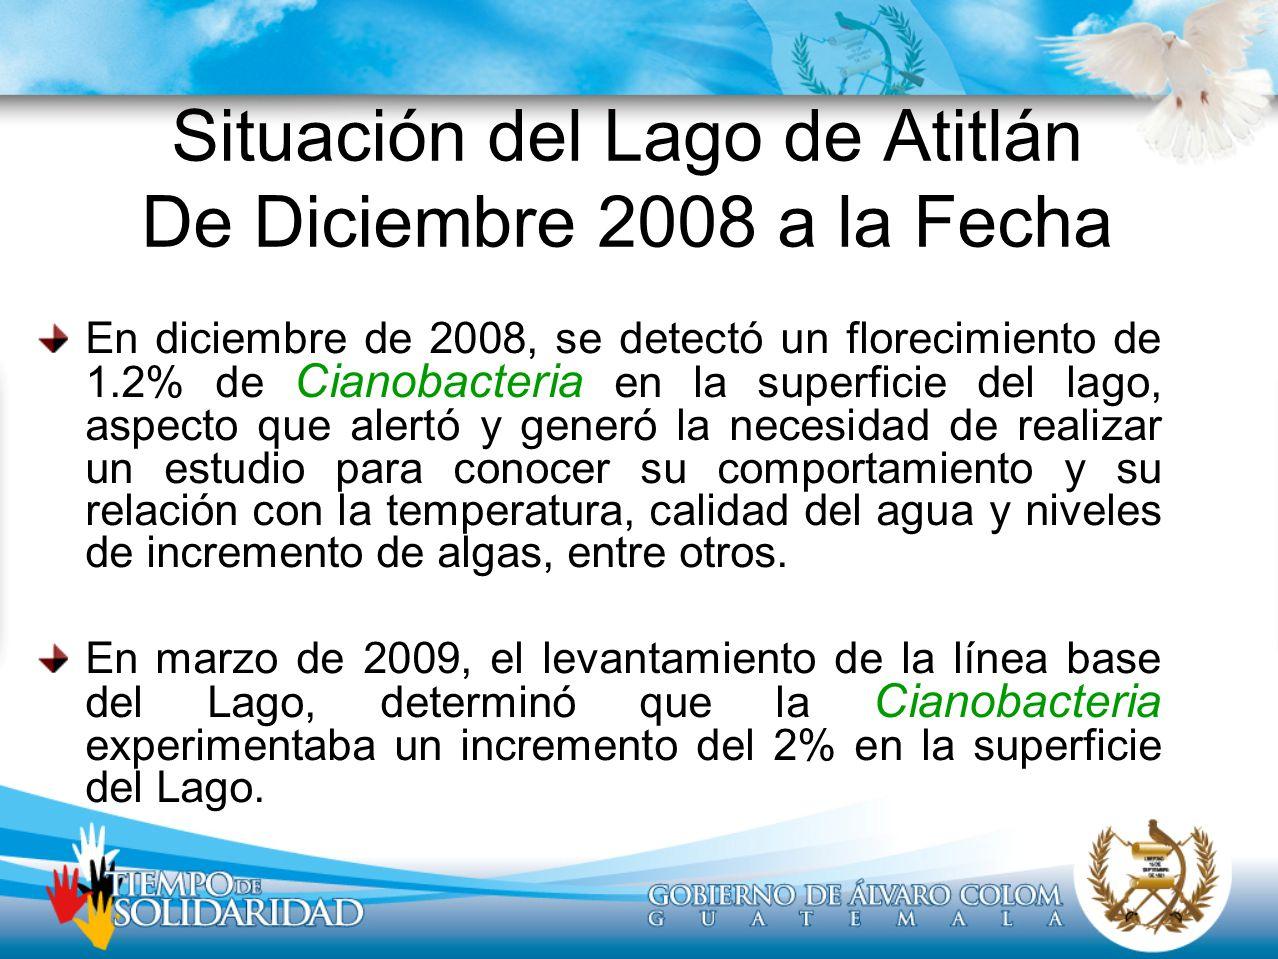 Situación del Lago de Atitlán De Diciembre 2008 a la Fecha